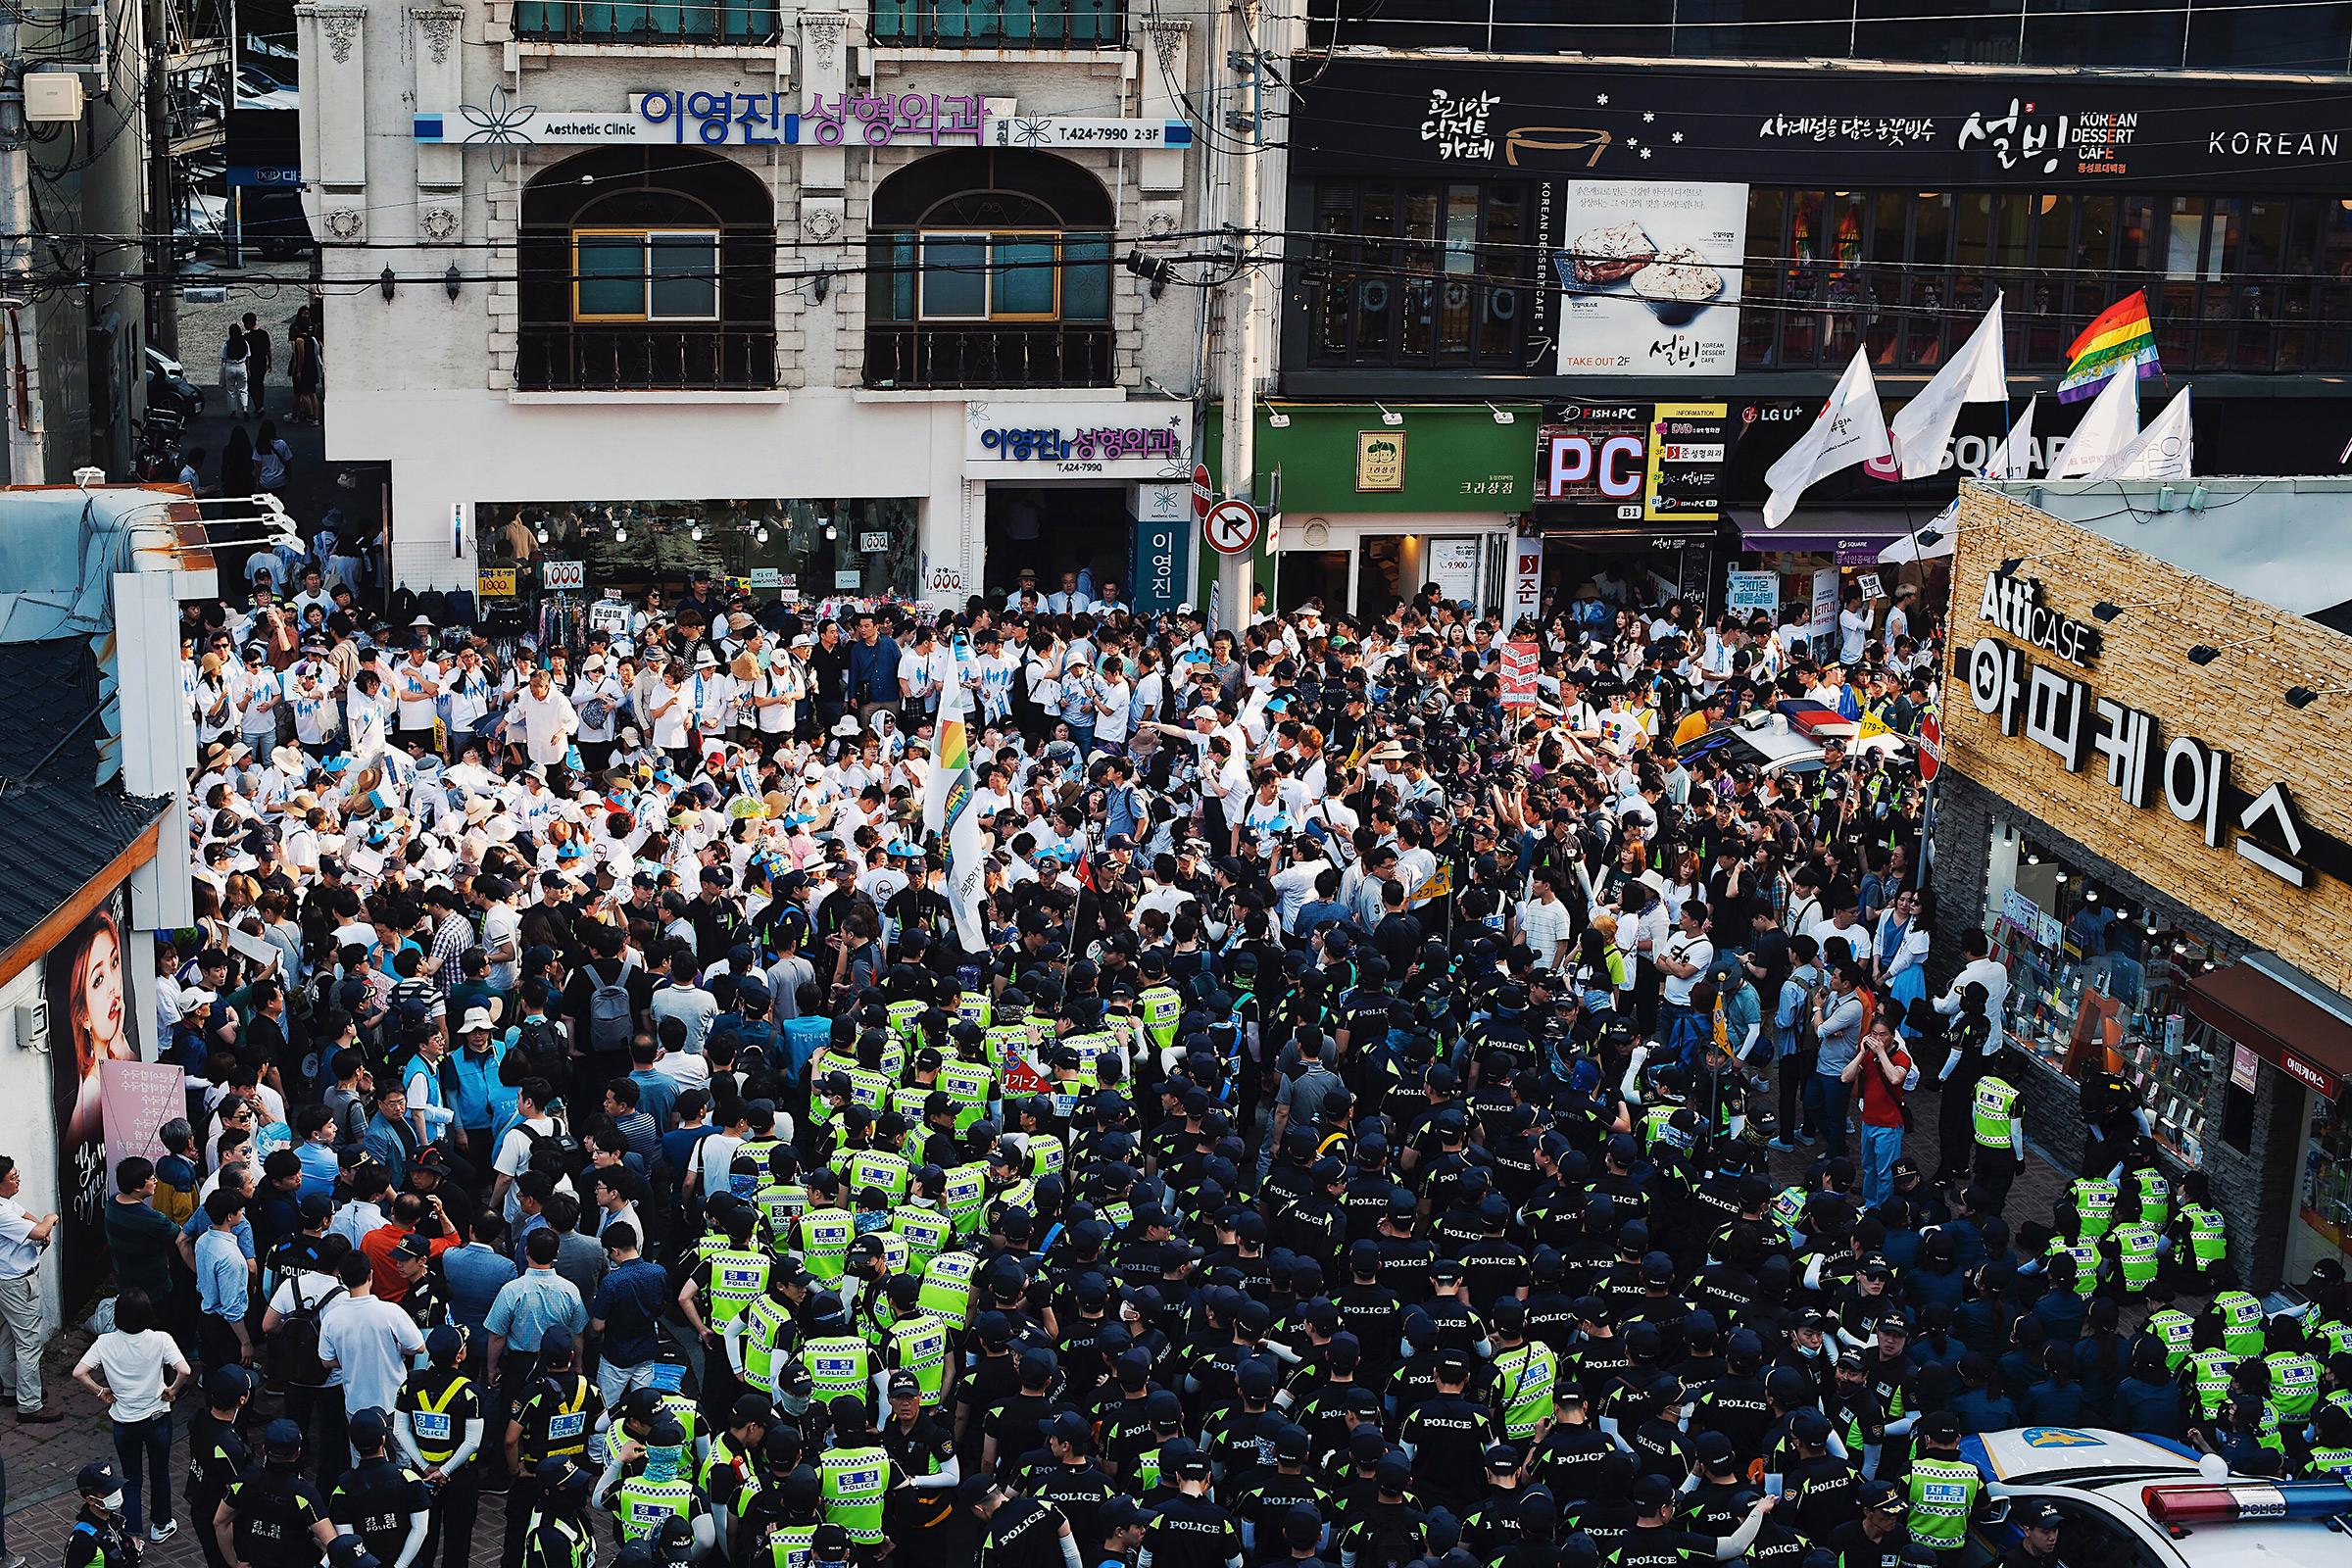 2018년 6월, 대구퀴어문화축제 반대시위 참가자들이 하얀색 옷을 입고 퍼레이드행렬을 막고 있는 모습이다. 500명이 넘는 기독교 신자들이 동성로 광장 도로에서 애국가를 부르며 퍼레이드를 취소시키기 위해 좌식농성을 하고있다.